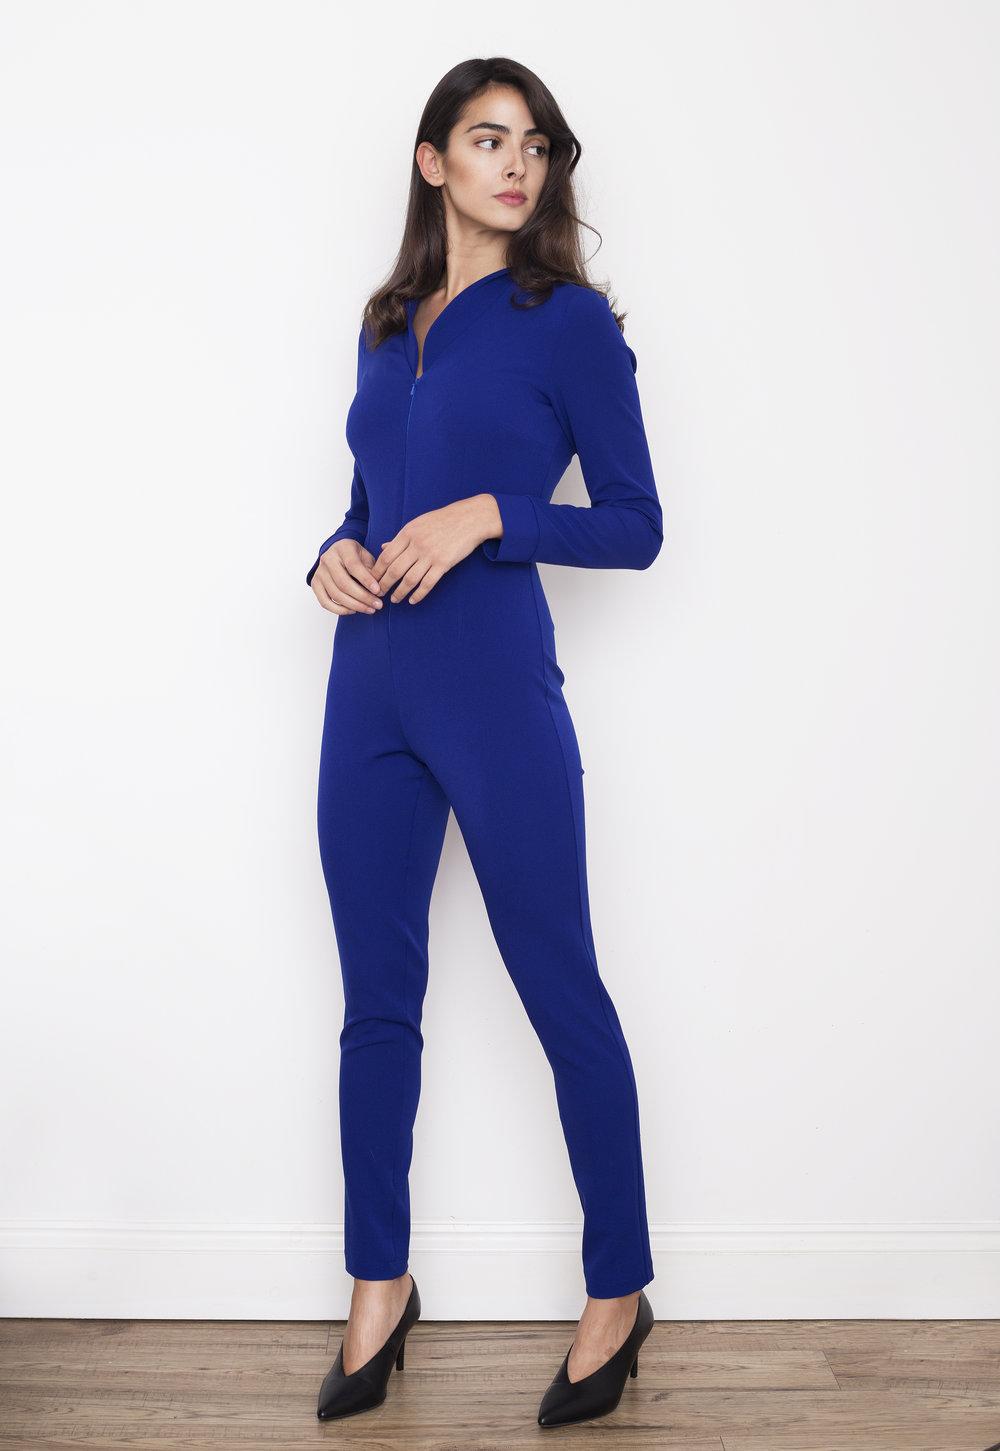 Lucie Manna - Fashion Designer